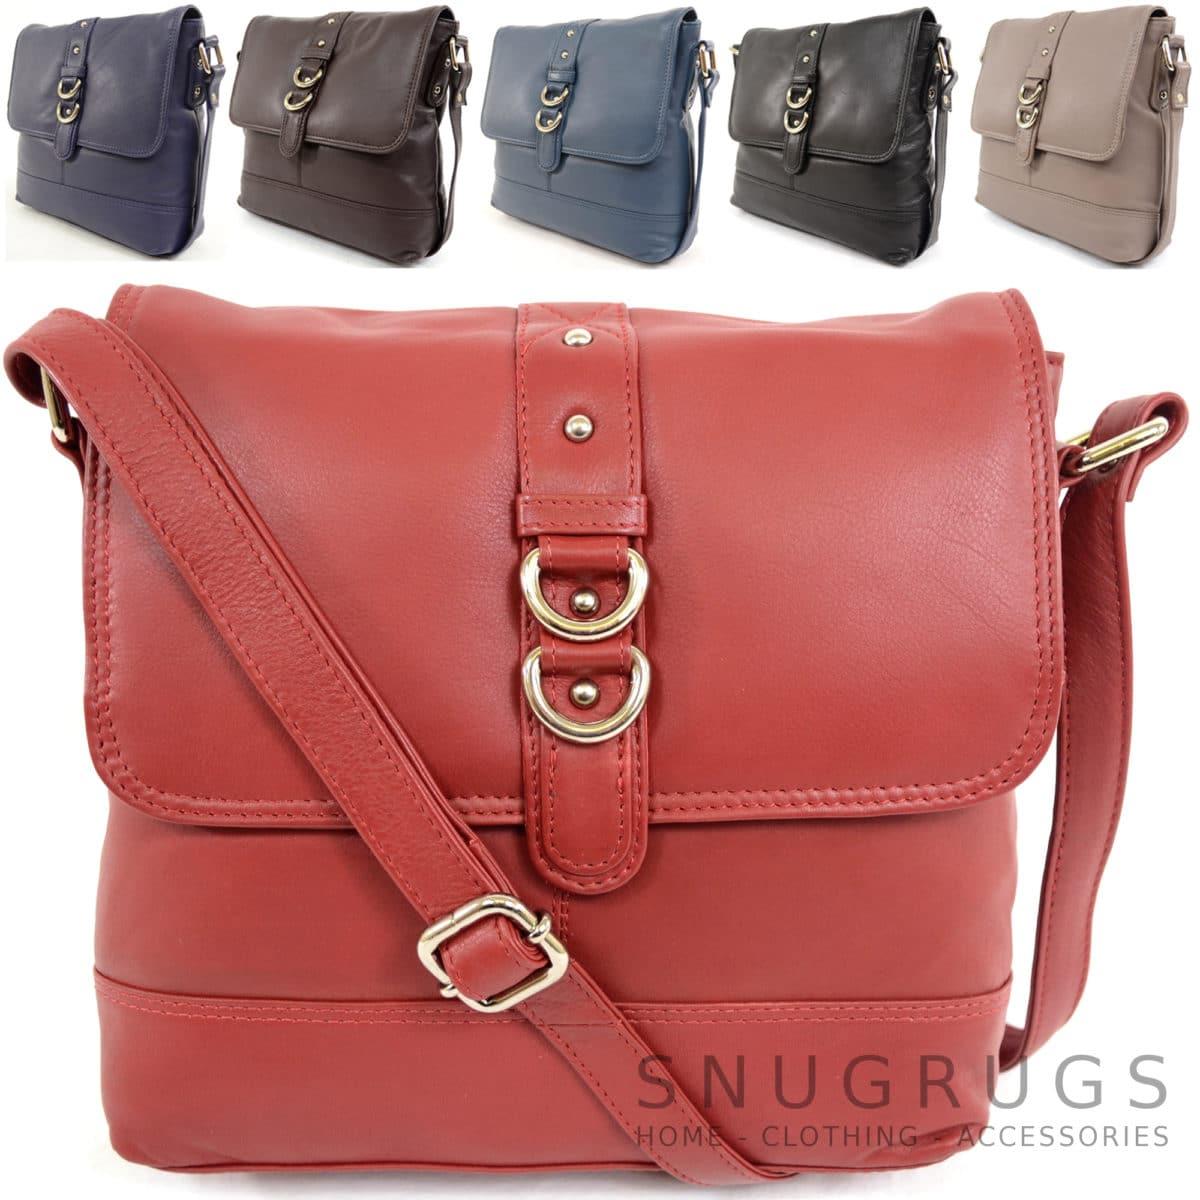 Jude – Soft Leather Shoulder / Cross Body Bag